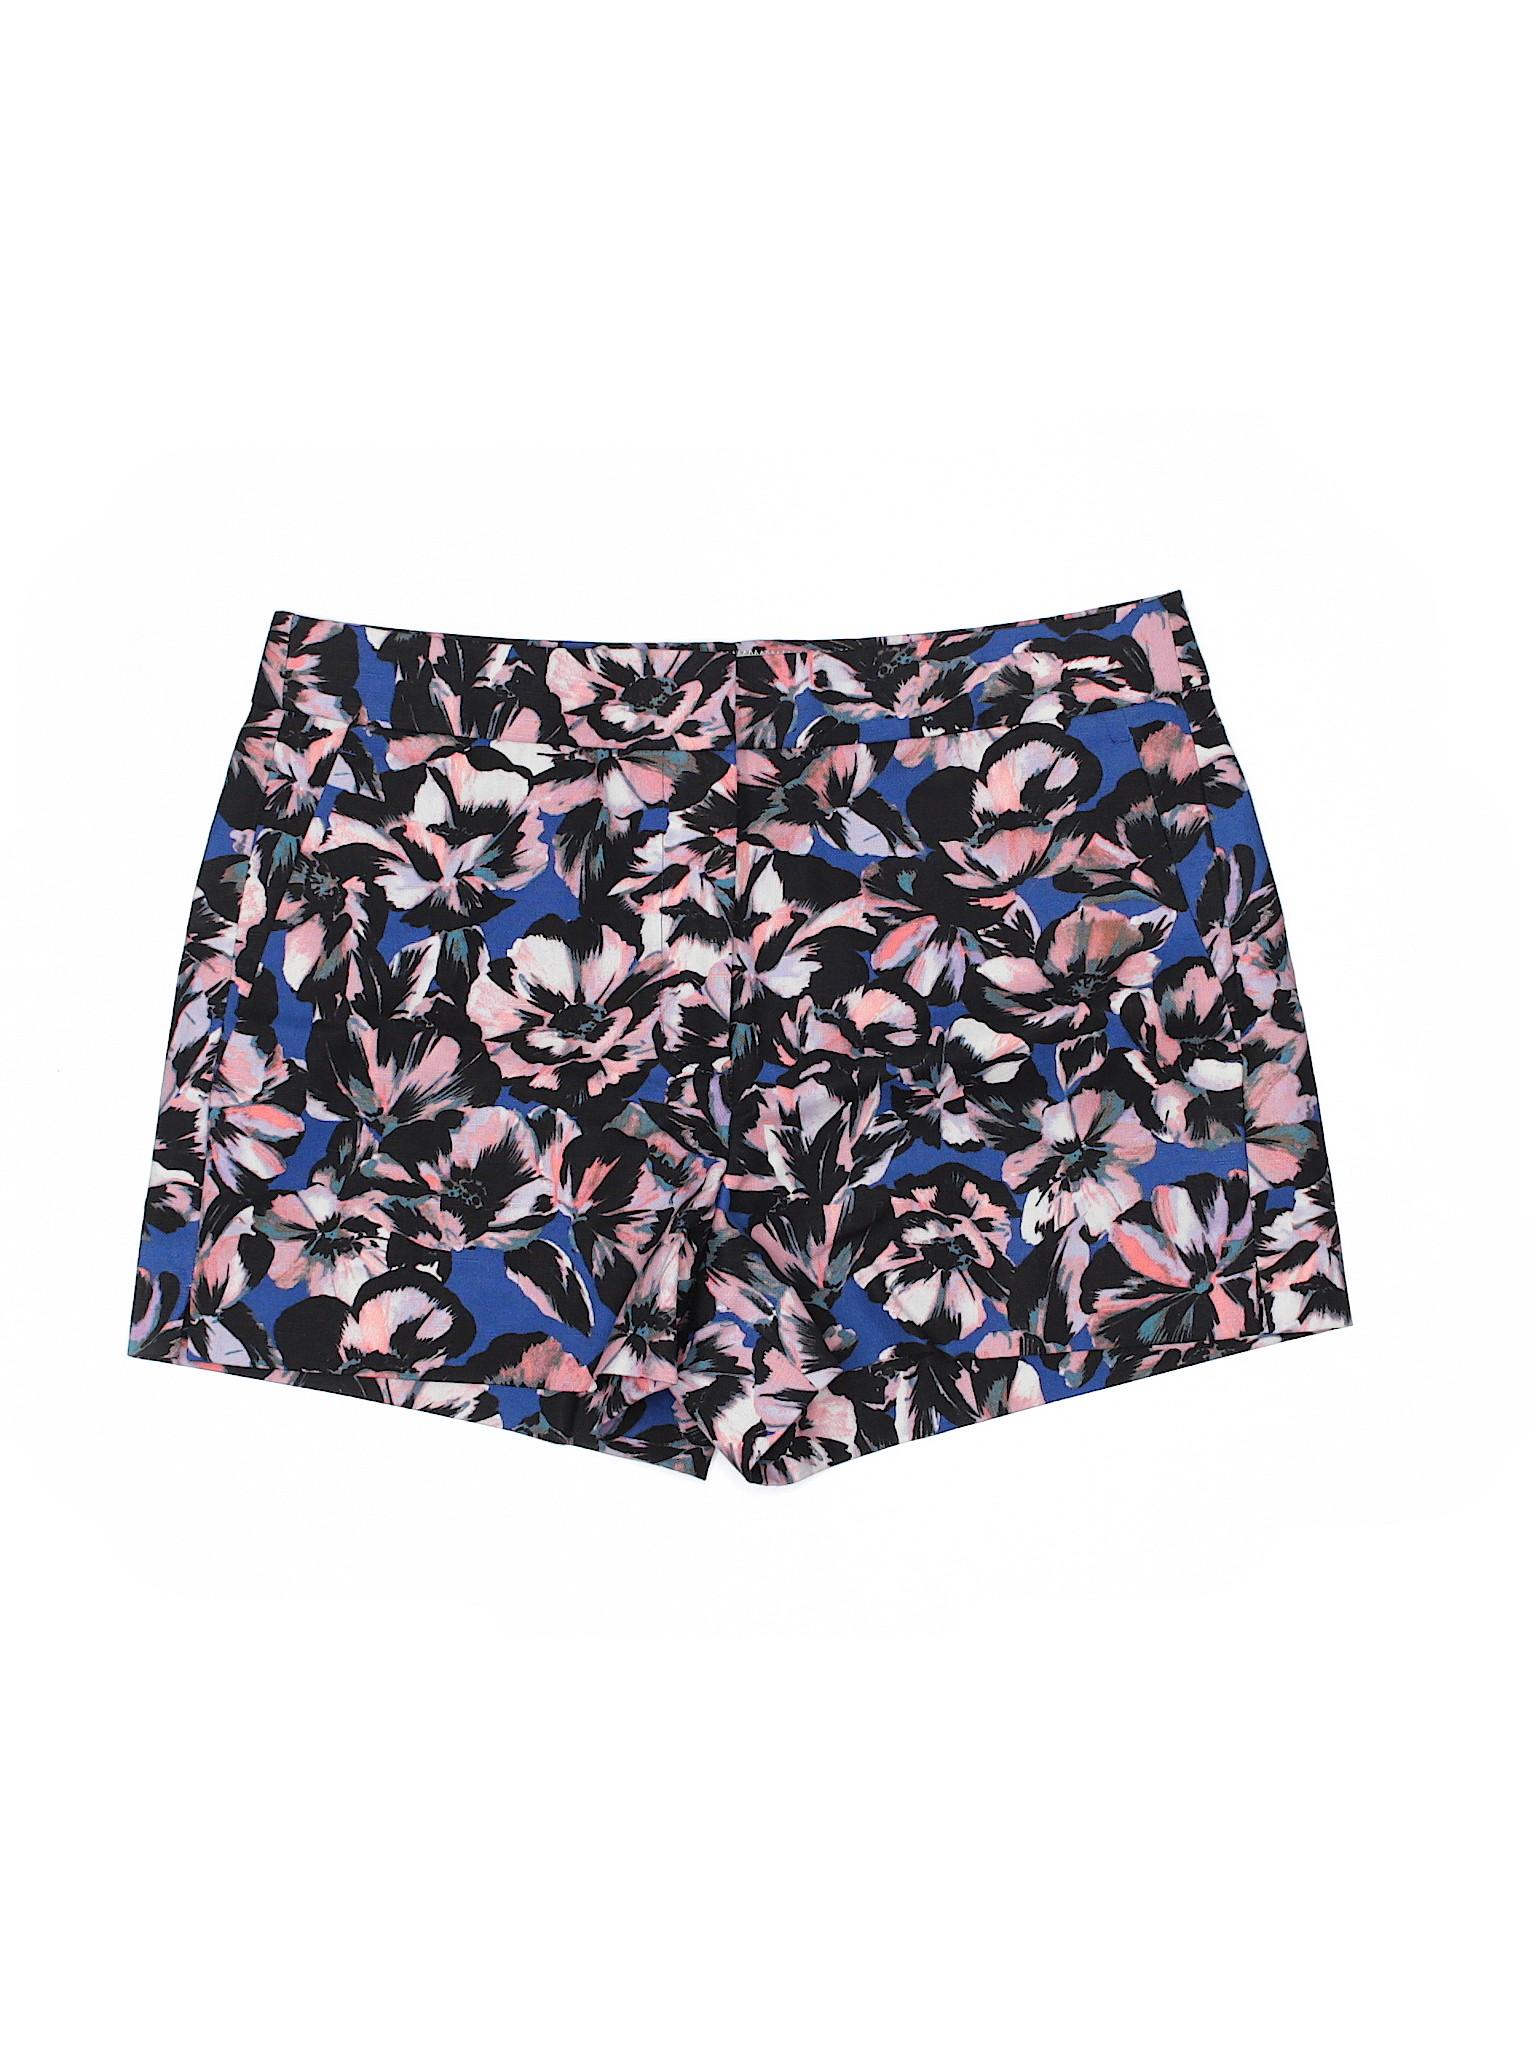 Boutique Shorts J Shorts Crew Crew Boutique J J Shorts Khaki Khaki Boutique J Boutique Crew Khaki fqHPZtg